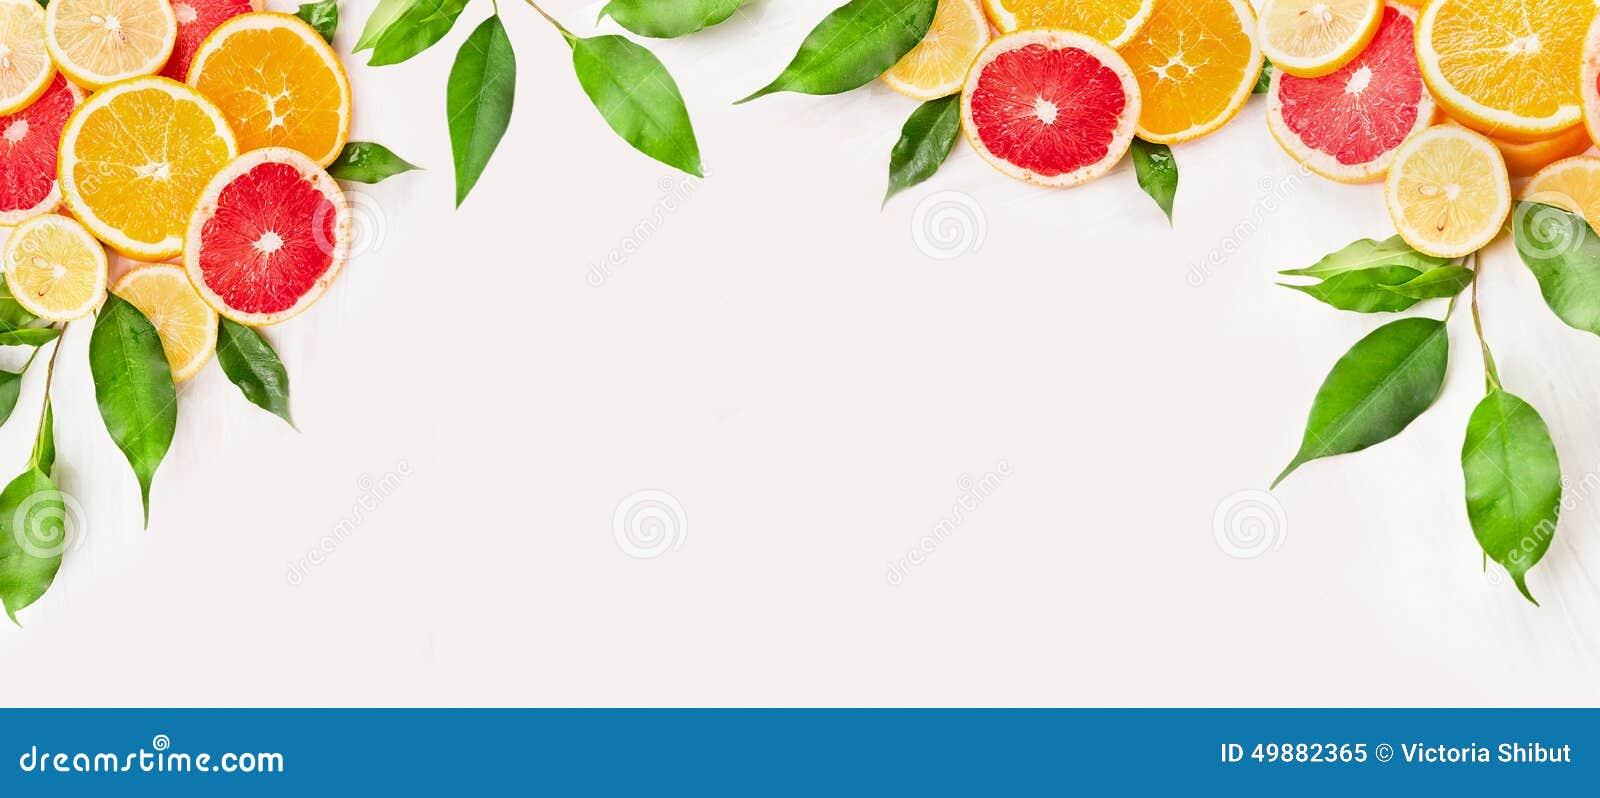 Citrusfrukter skivar med gröna sidor på vit träbakgrund, baner